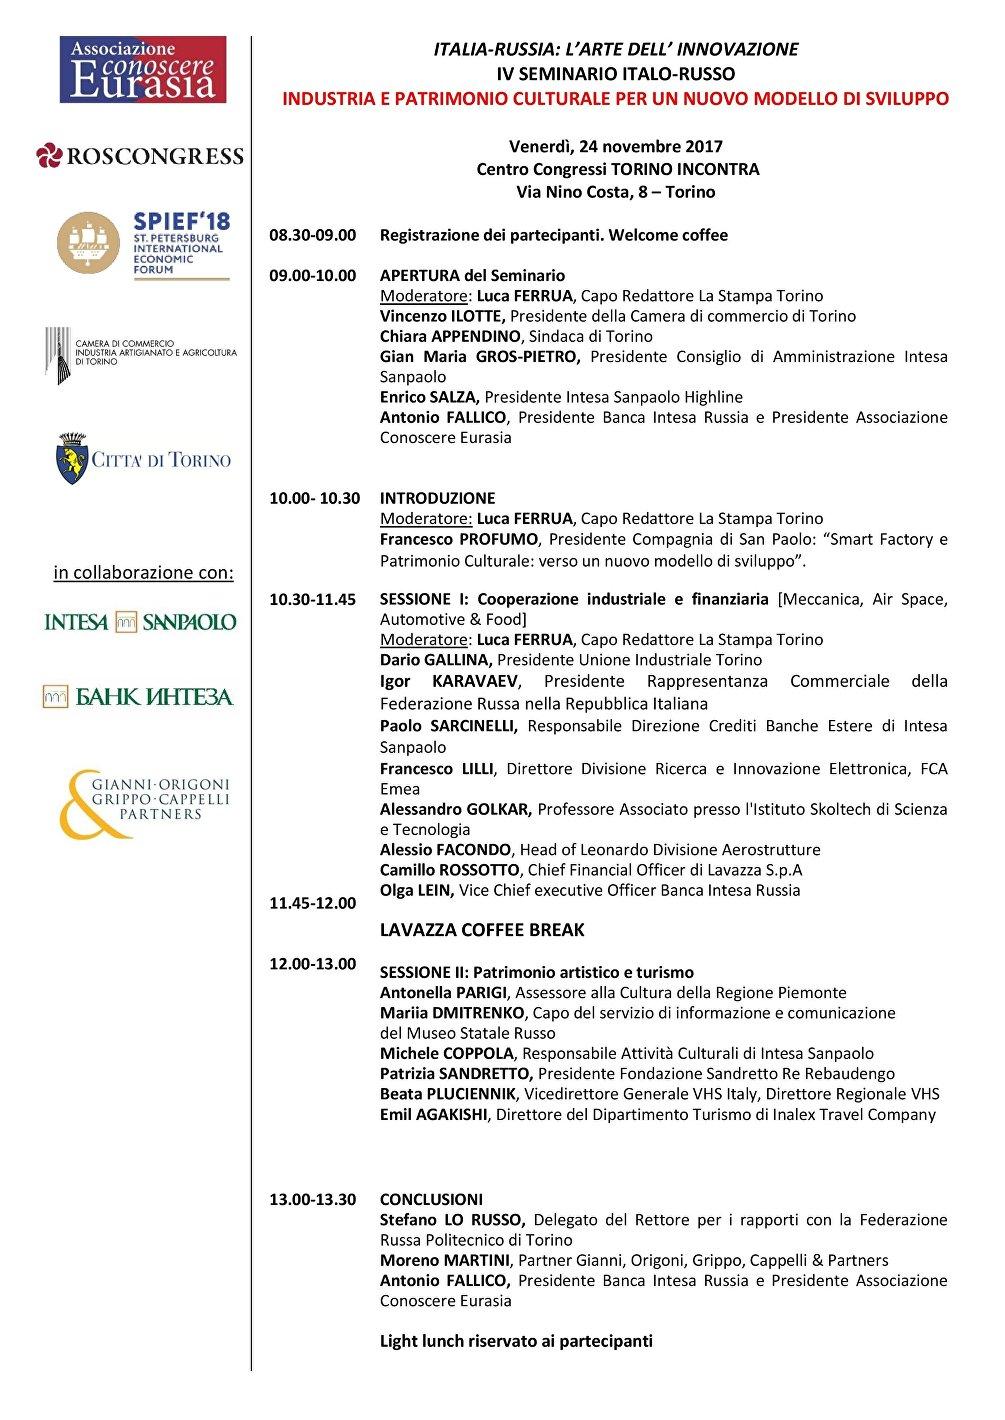 Il programma del seminario Italia-Russia, l'arte dell'innovazione